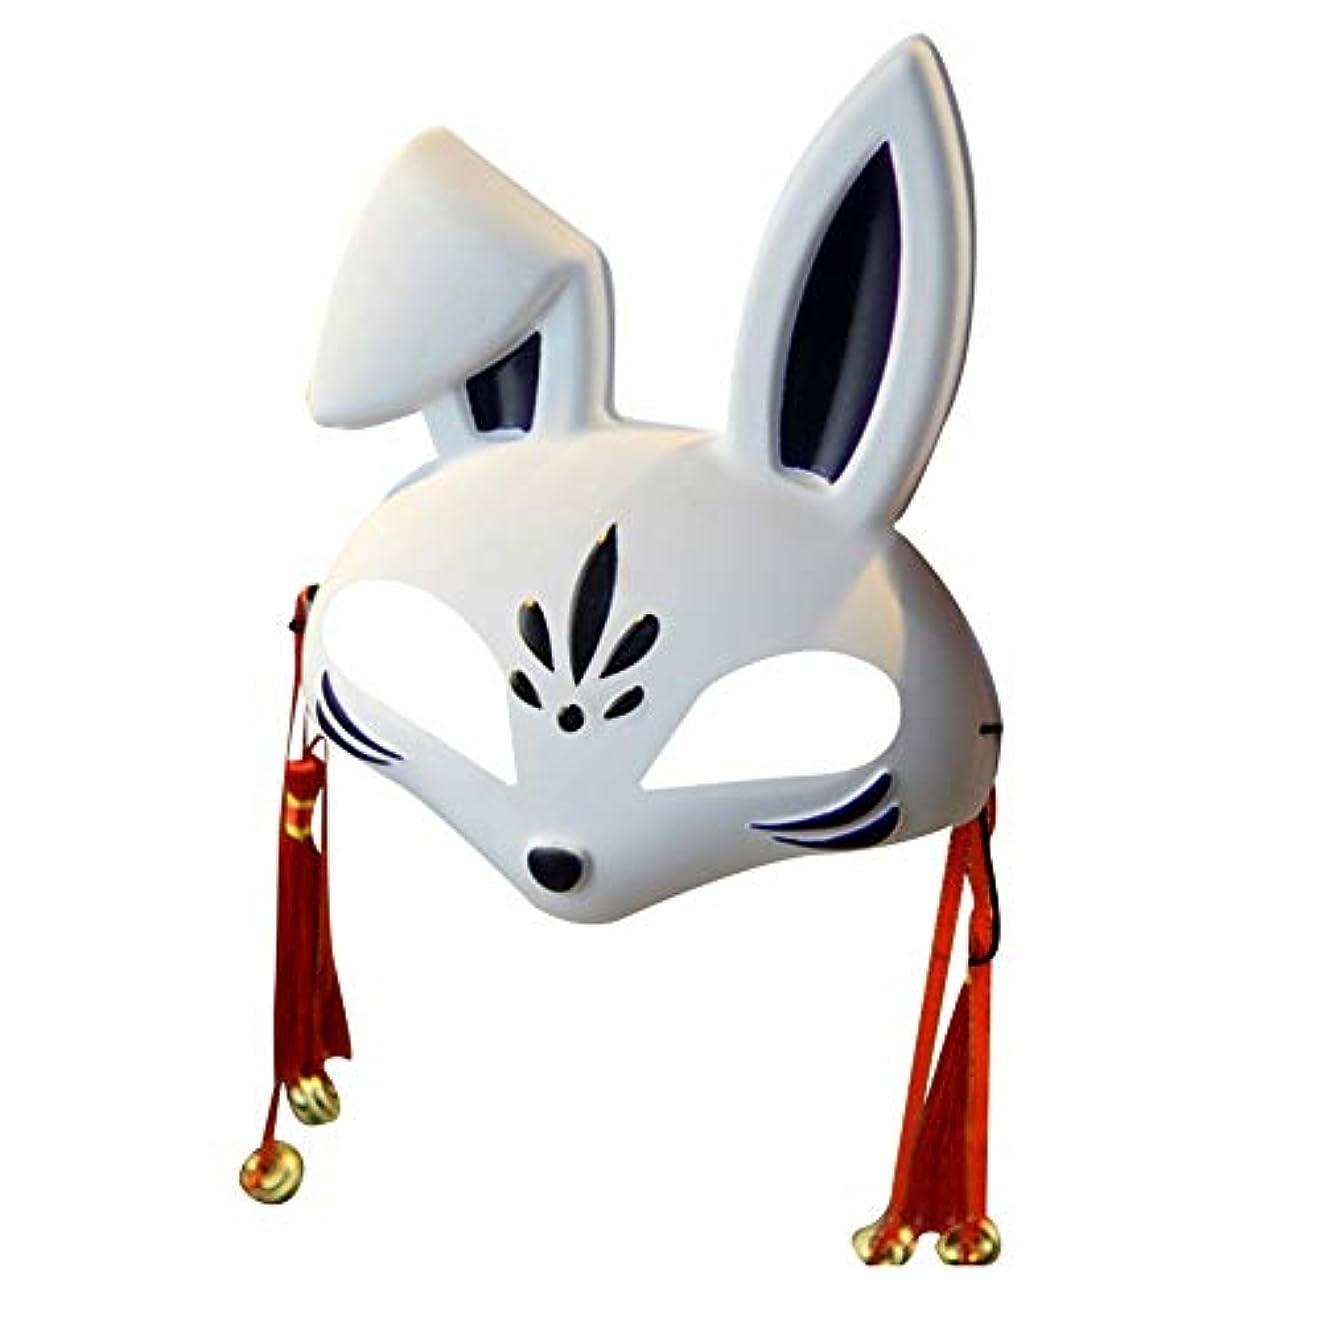 ムスタチオ重量コジオスコKISSION 手描きのマスク 仮面舞踏会マスク うさぎマスク 半顔 ロールプレイングマスク ハロウィーン仮装衣装 PVCストリートダンスマスク